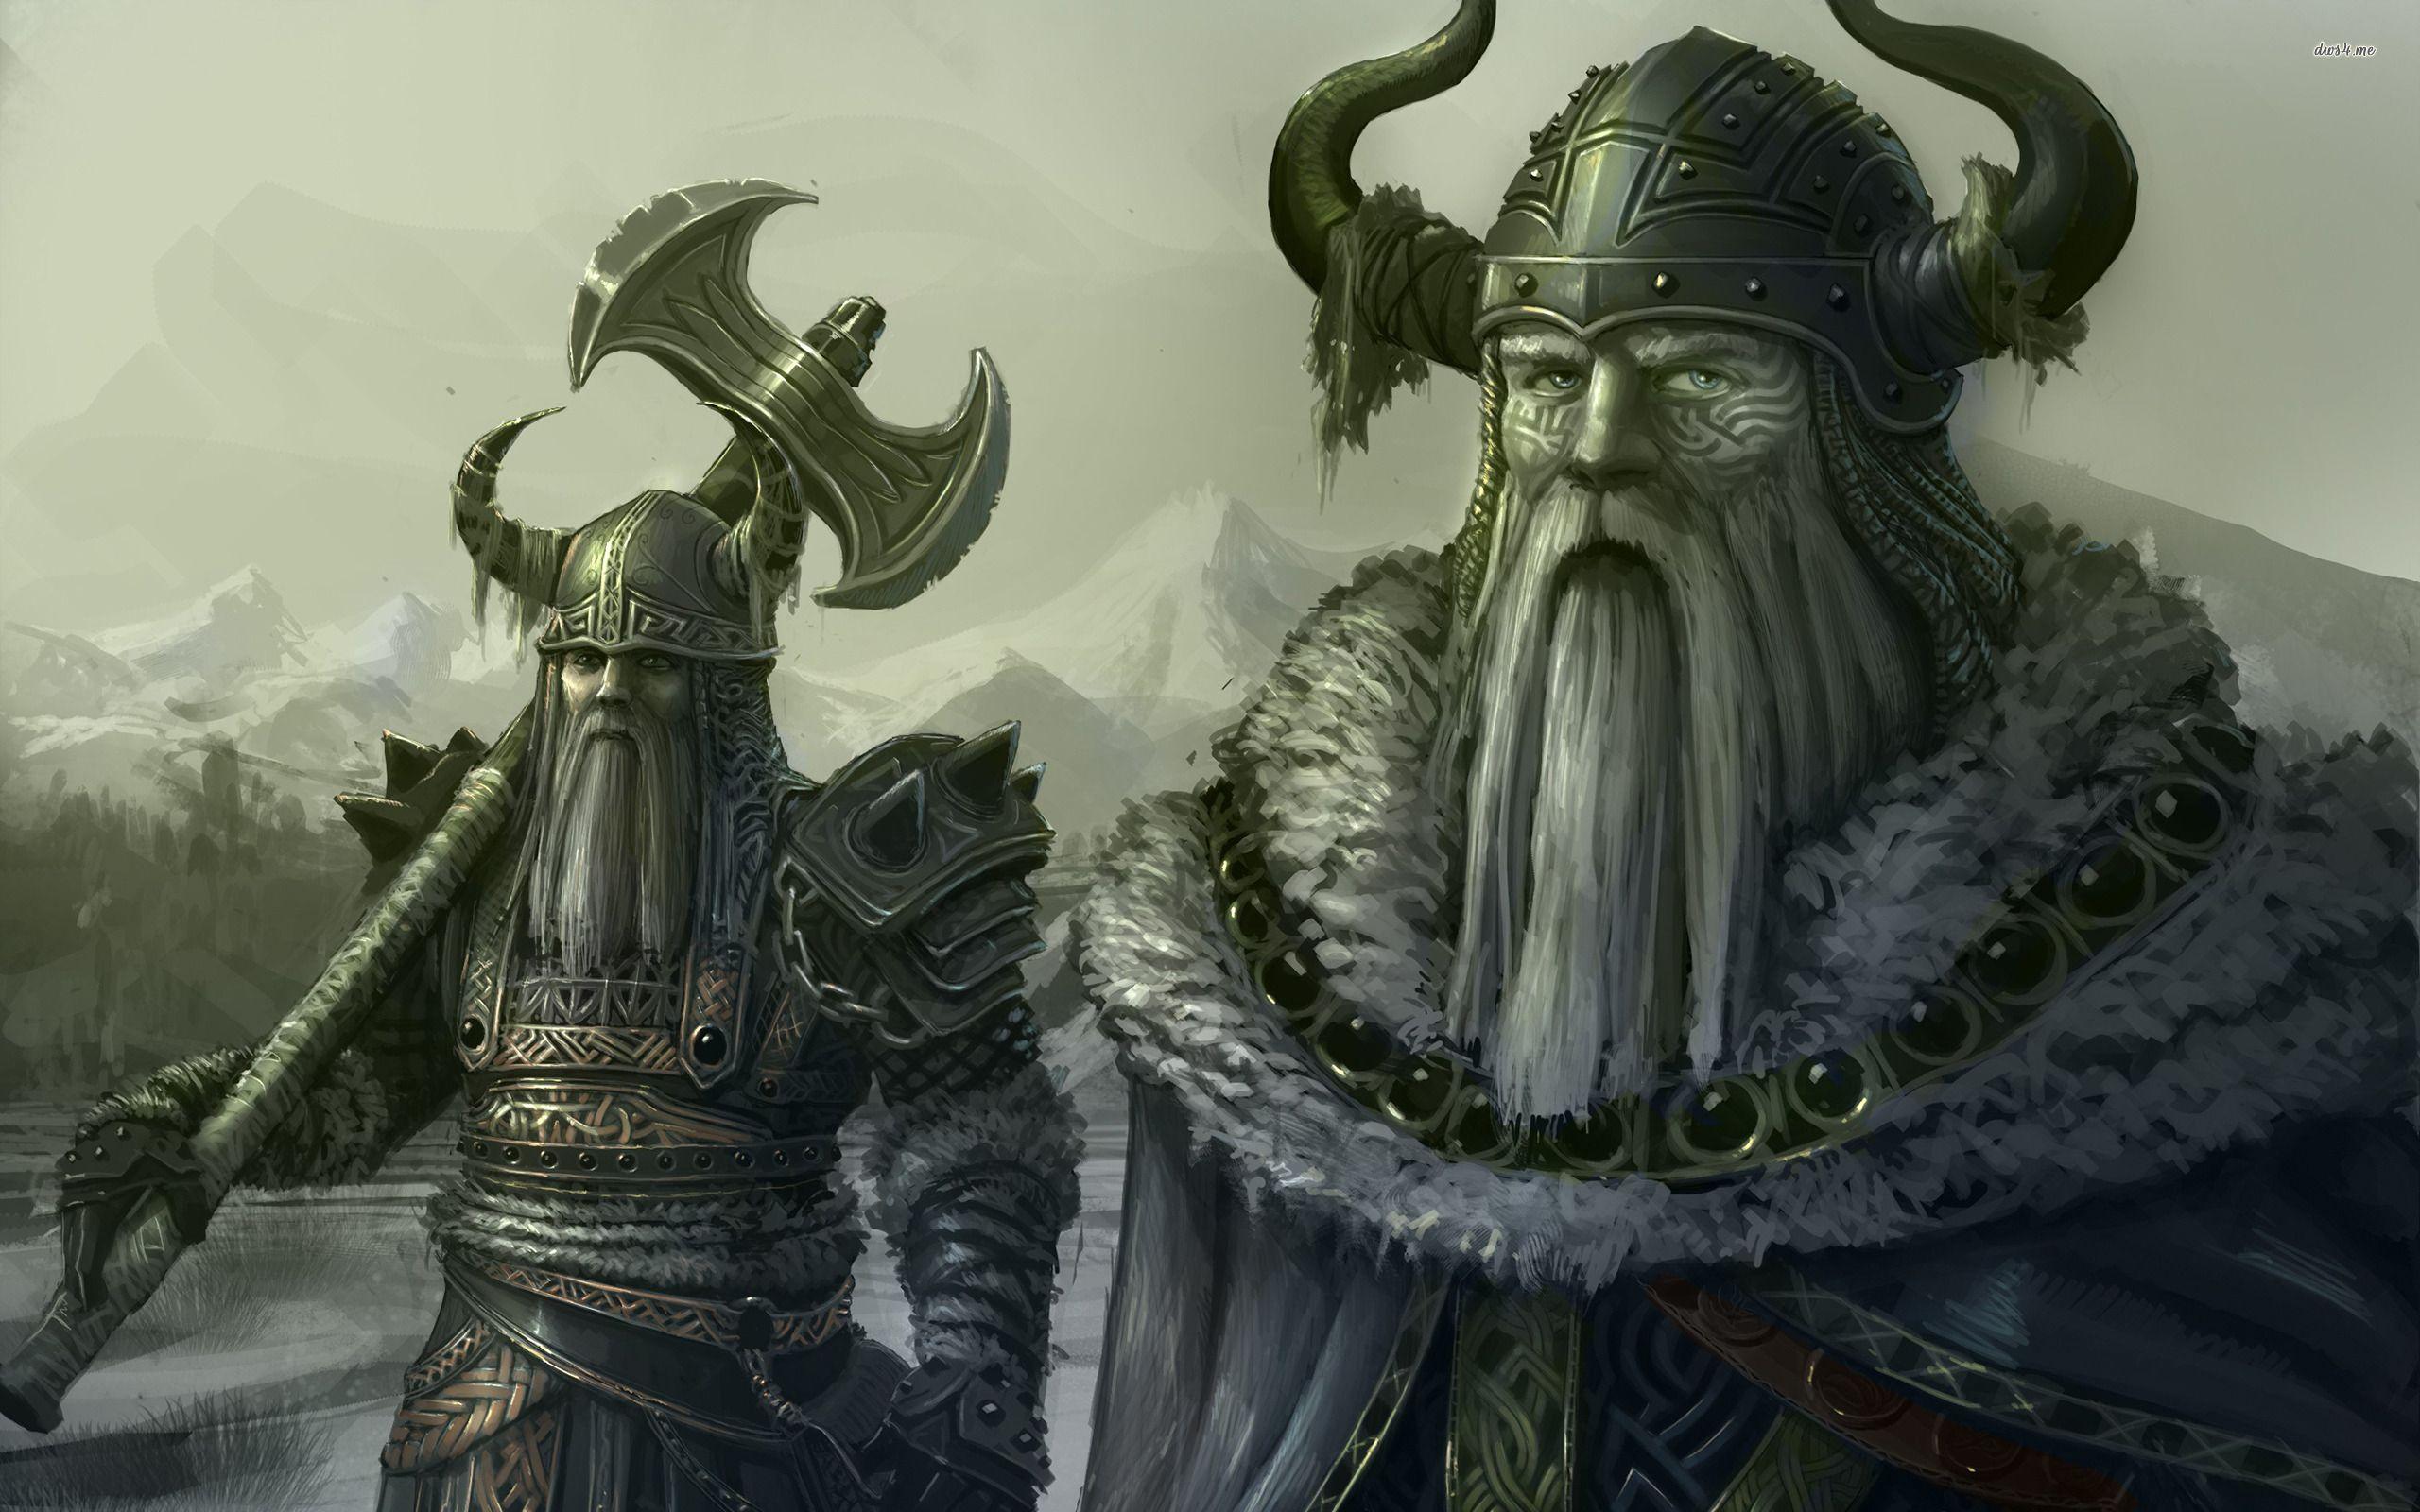 Vikings wallpaper - Fantasy wallpapers - #17969